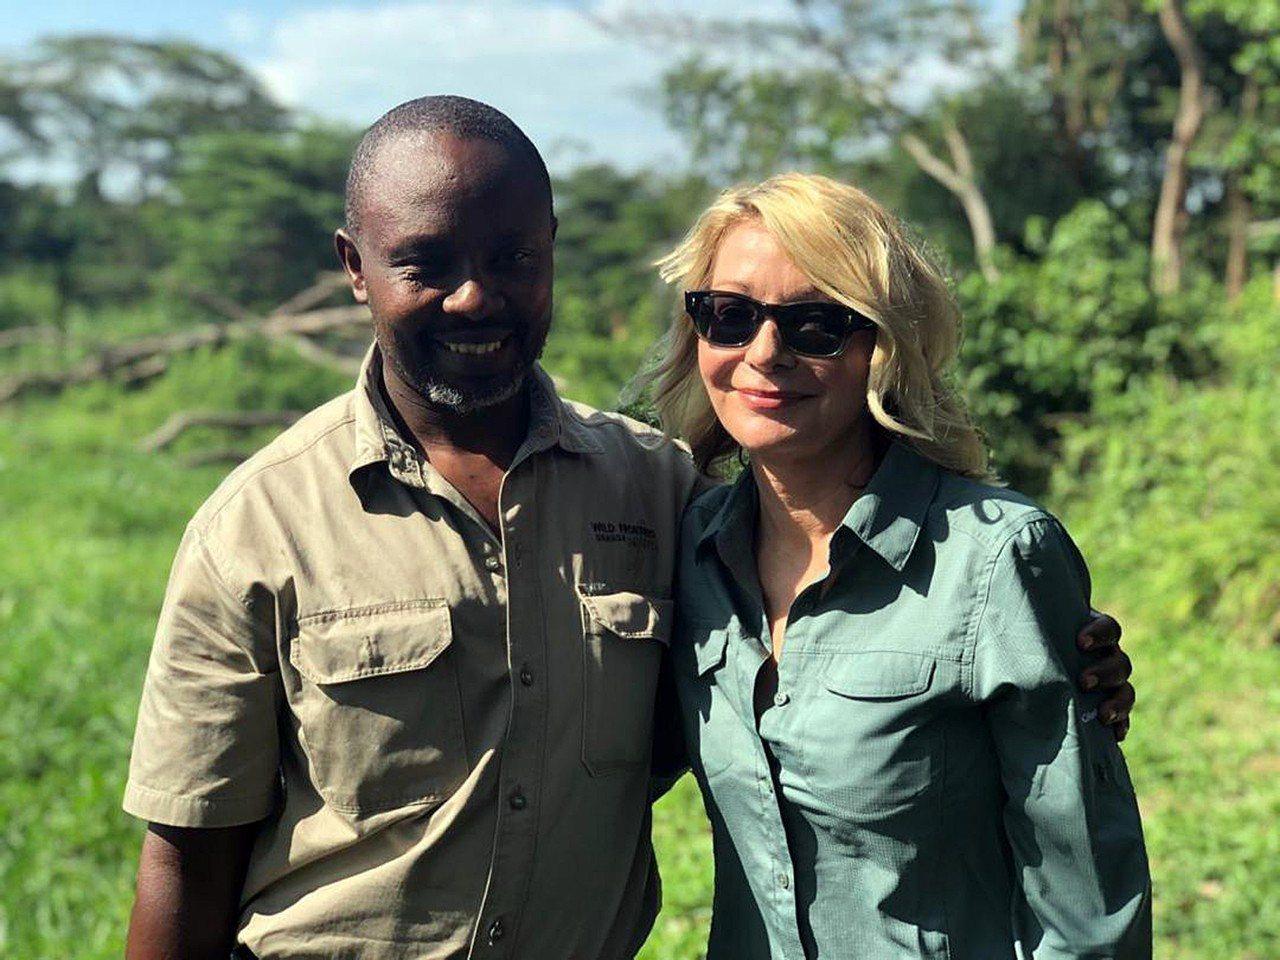 美國遊客金柏莉‧恩迪柯特(右)與導遊在烏干達旅遊時遭綁架,在他們獲救後,美國國務...